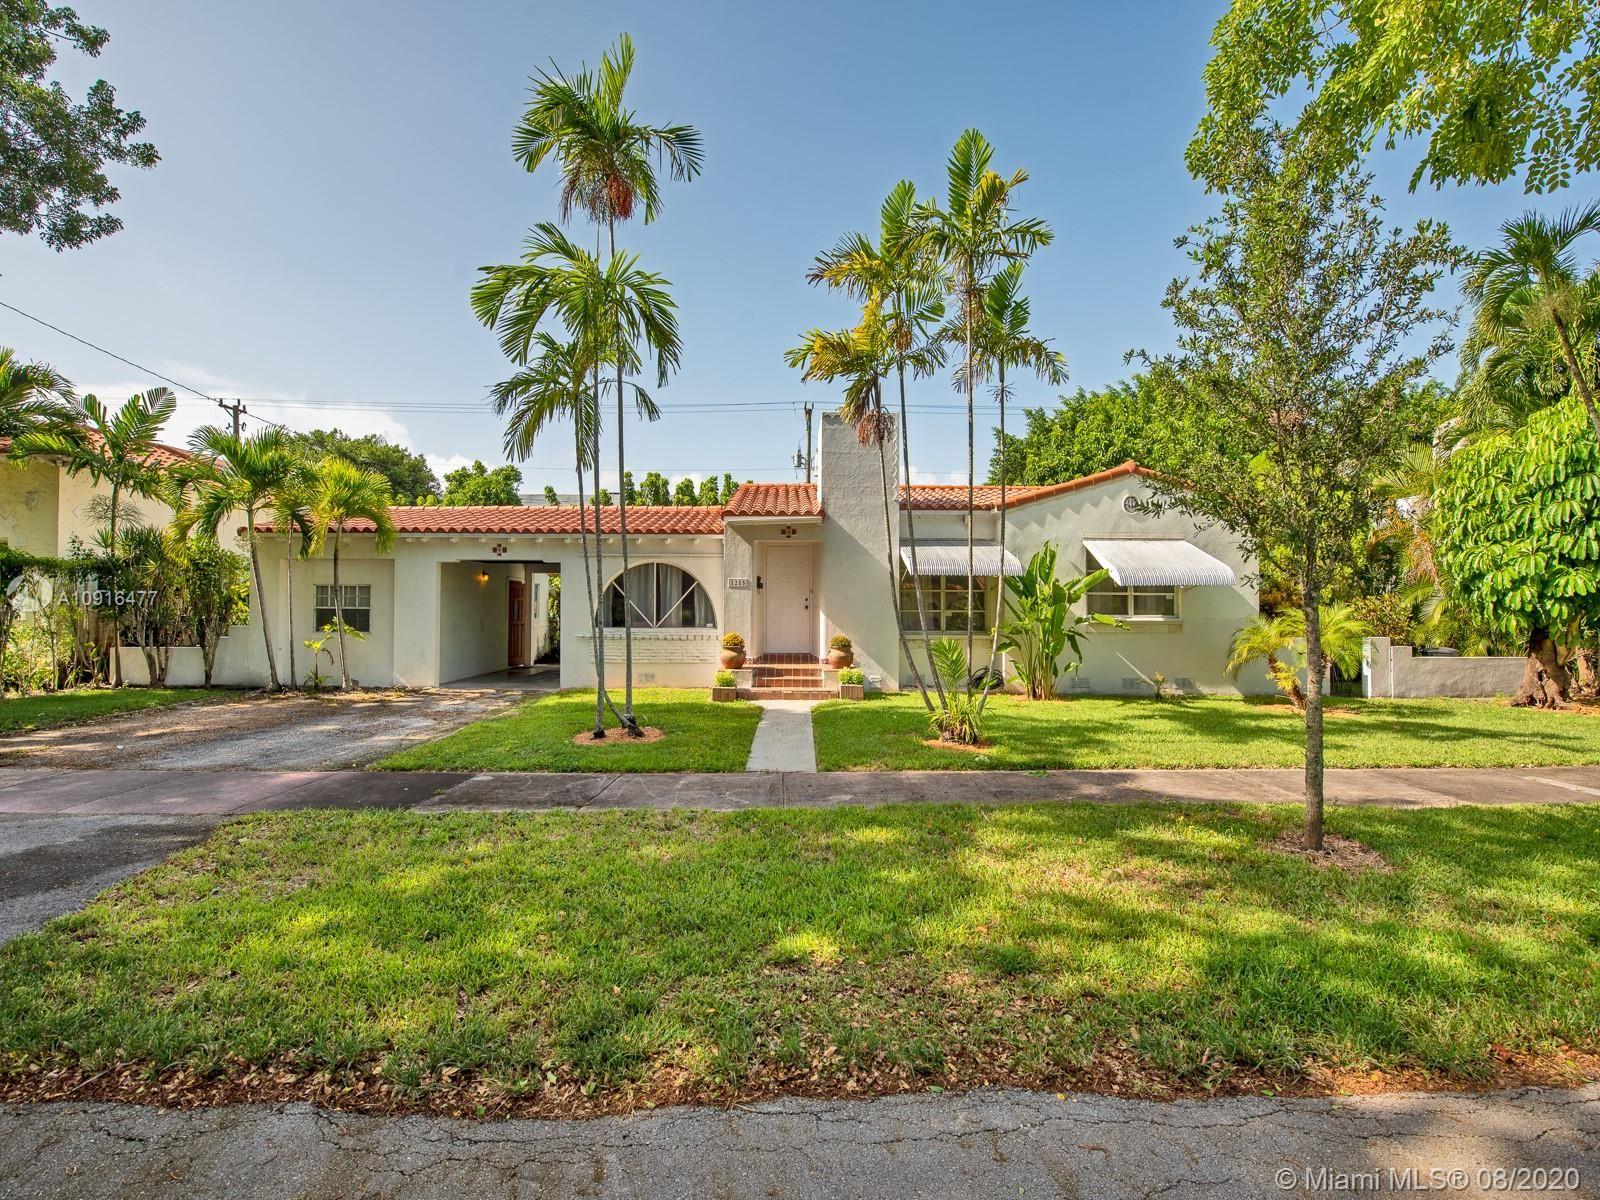 1215 San Miguel Ave, Coral Gables, FL 33134 - #: A10916477